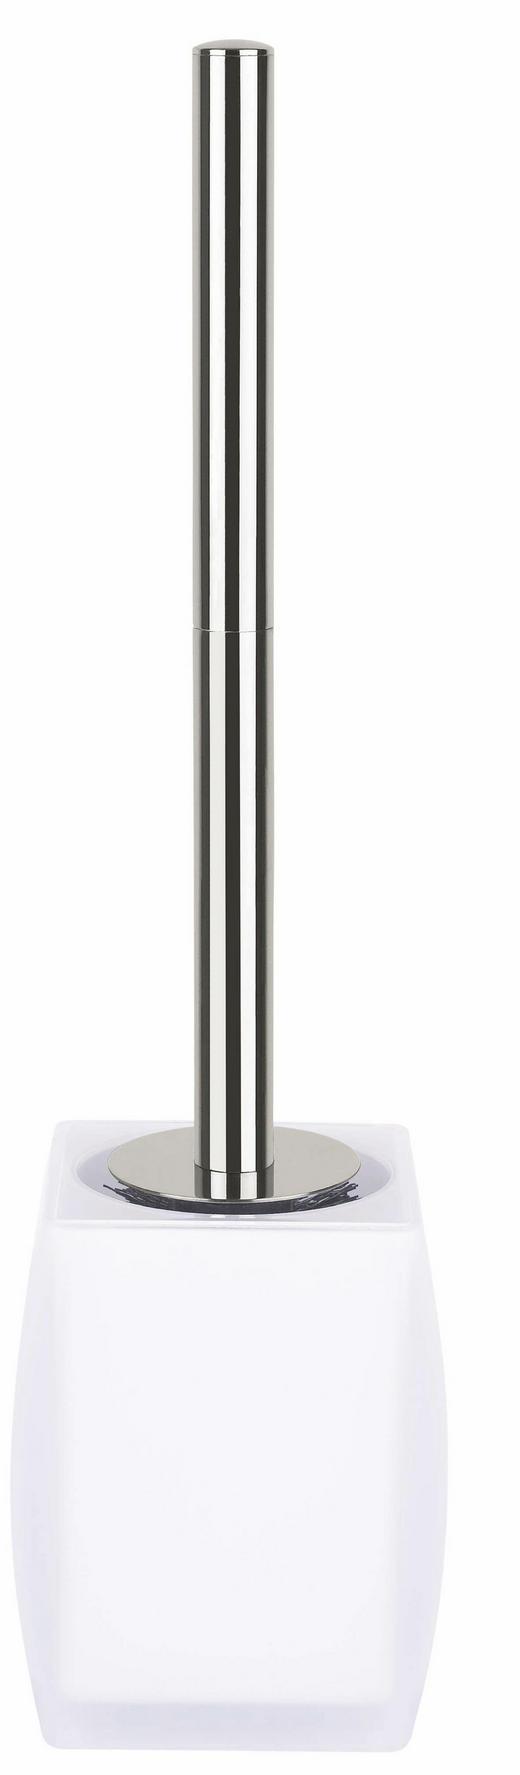 WC-BÜRSTENGARNITUR - Edelstahlfarben/Weiß, Basics, Kunststoff/Metall (10,3/39,5cm) - Spirella